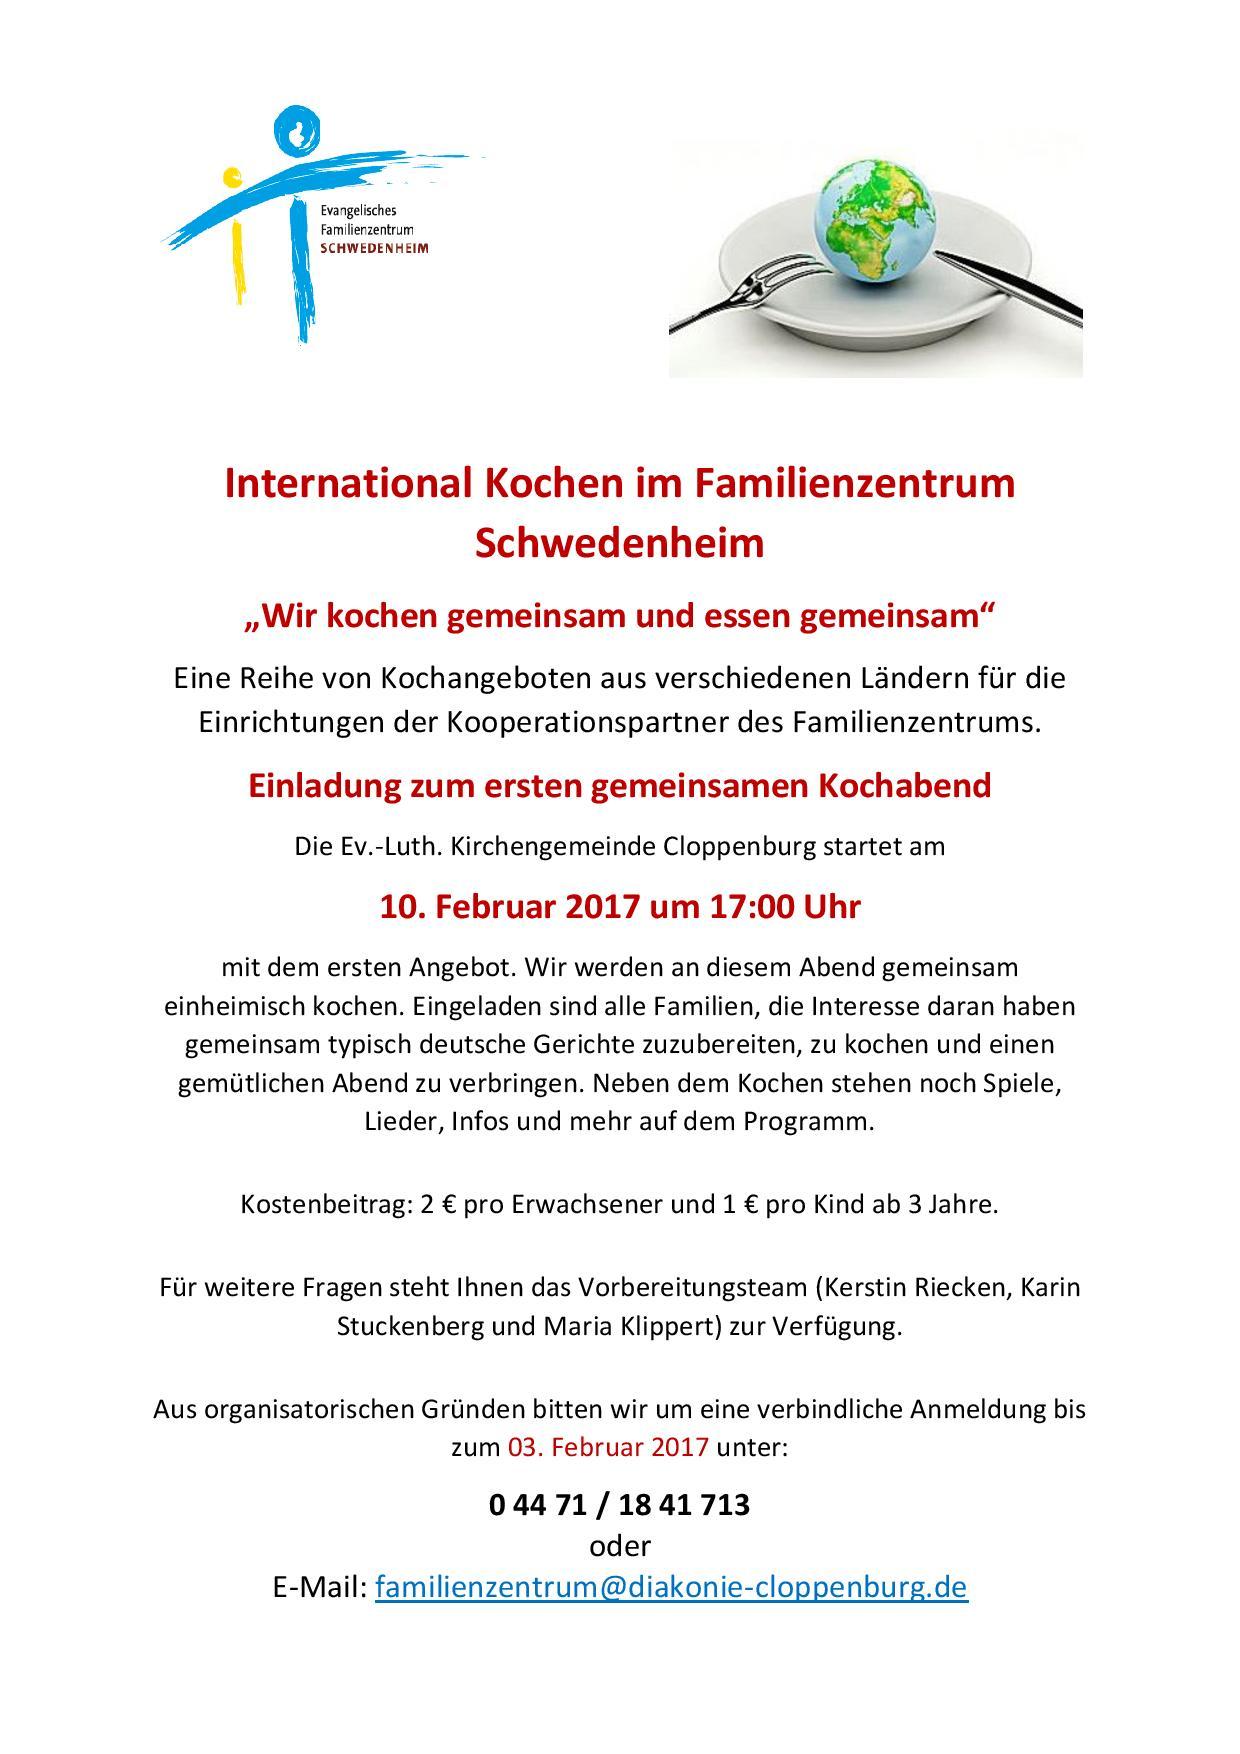 Erster Kochabend - KP Anschreiben-page-001